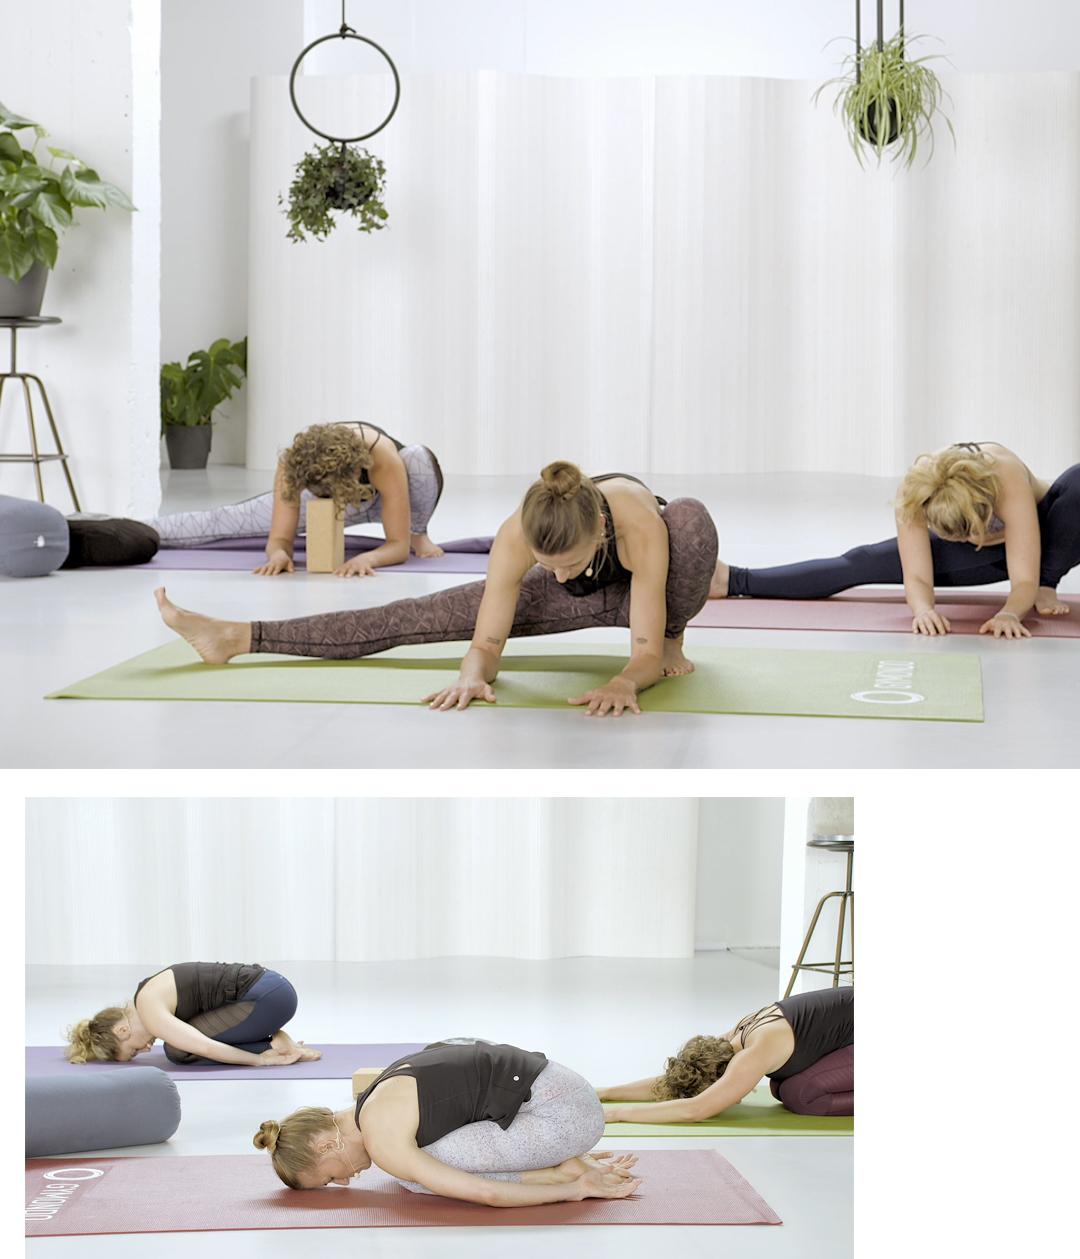 Gymondo Online Fitness Plattform Yin Yoga Videos Valerie Junger Sequenzen entspannen loslassen Harmonie Ausgleich Ruhe Stressabbau